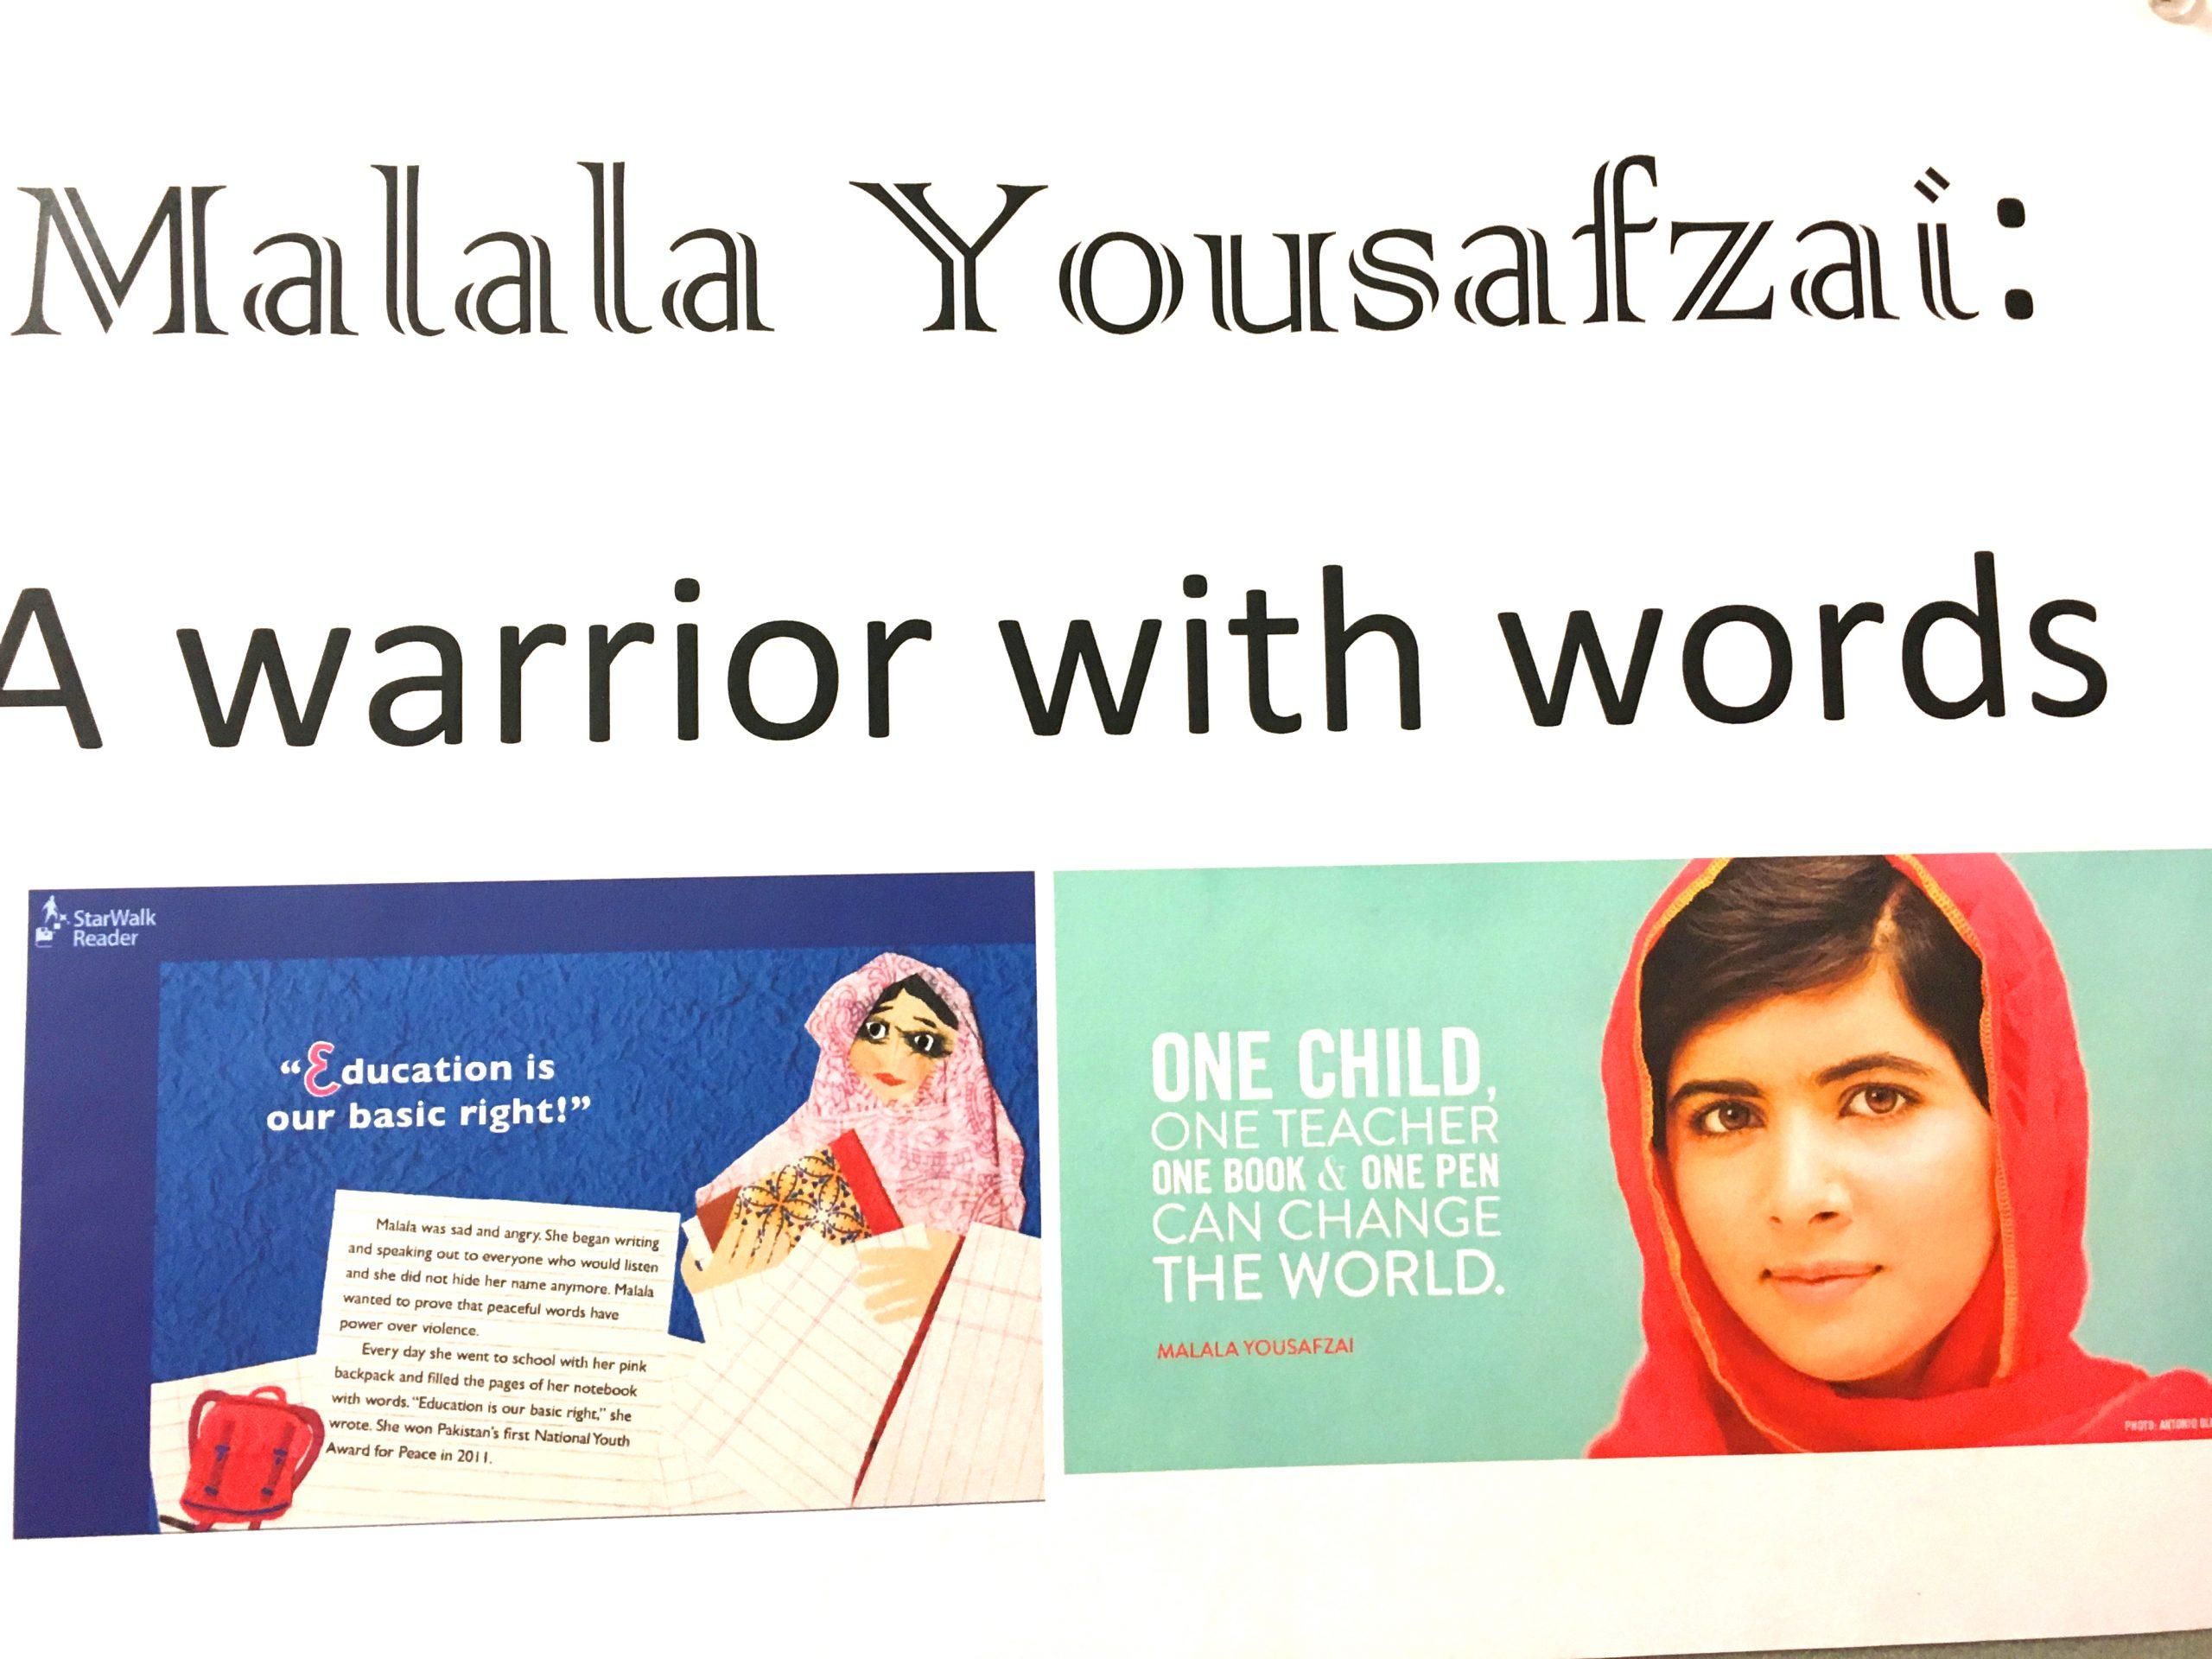 Collage mit Malala Yousafzai, der pakististanischen Friedennobelpreisträgerin